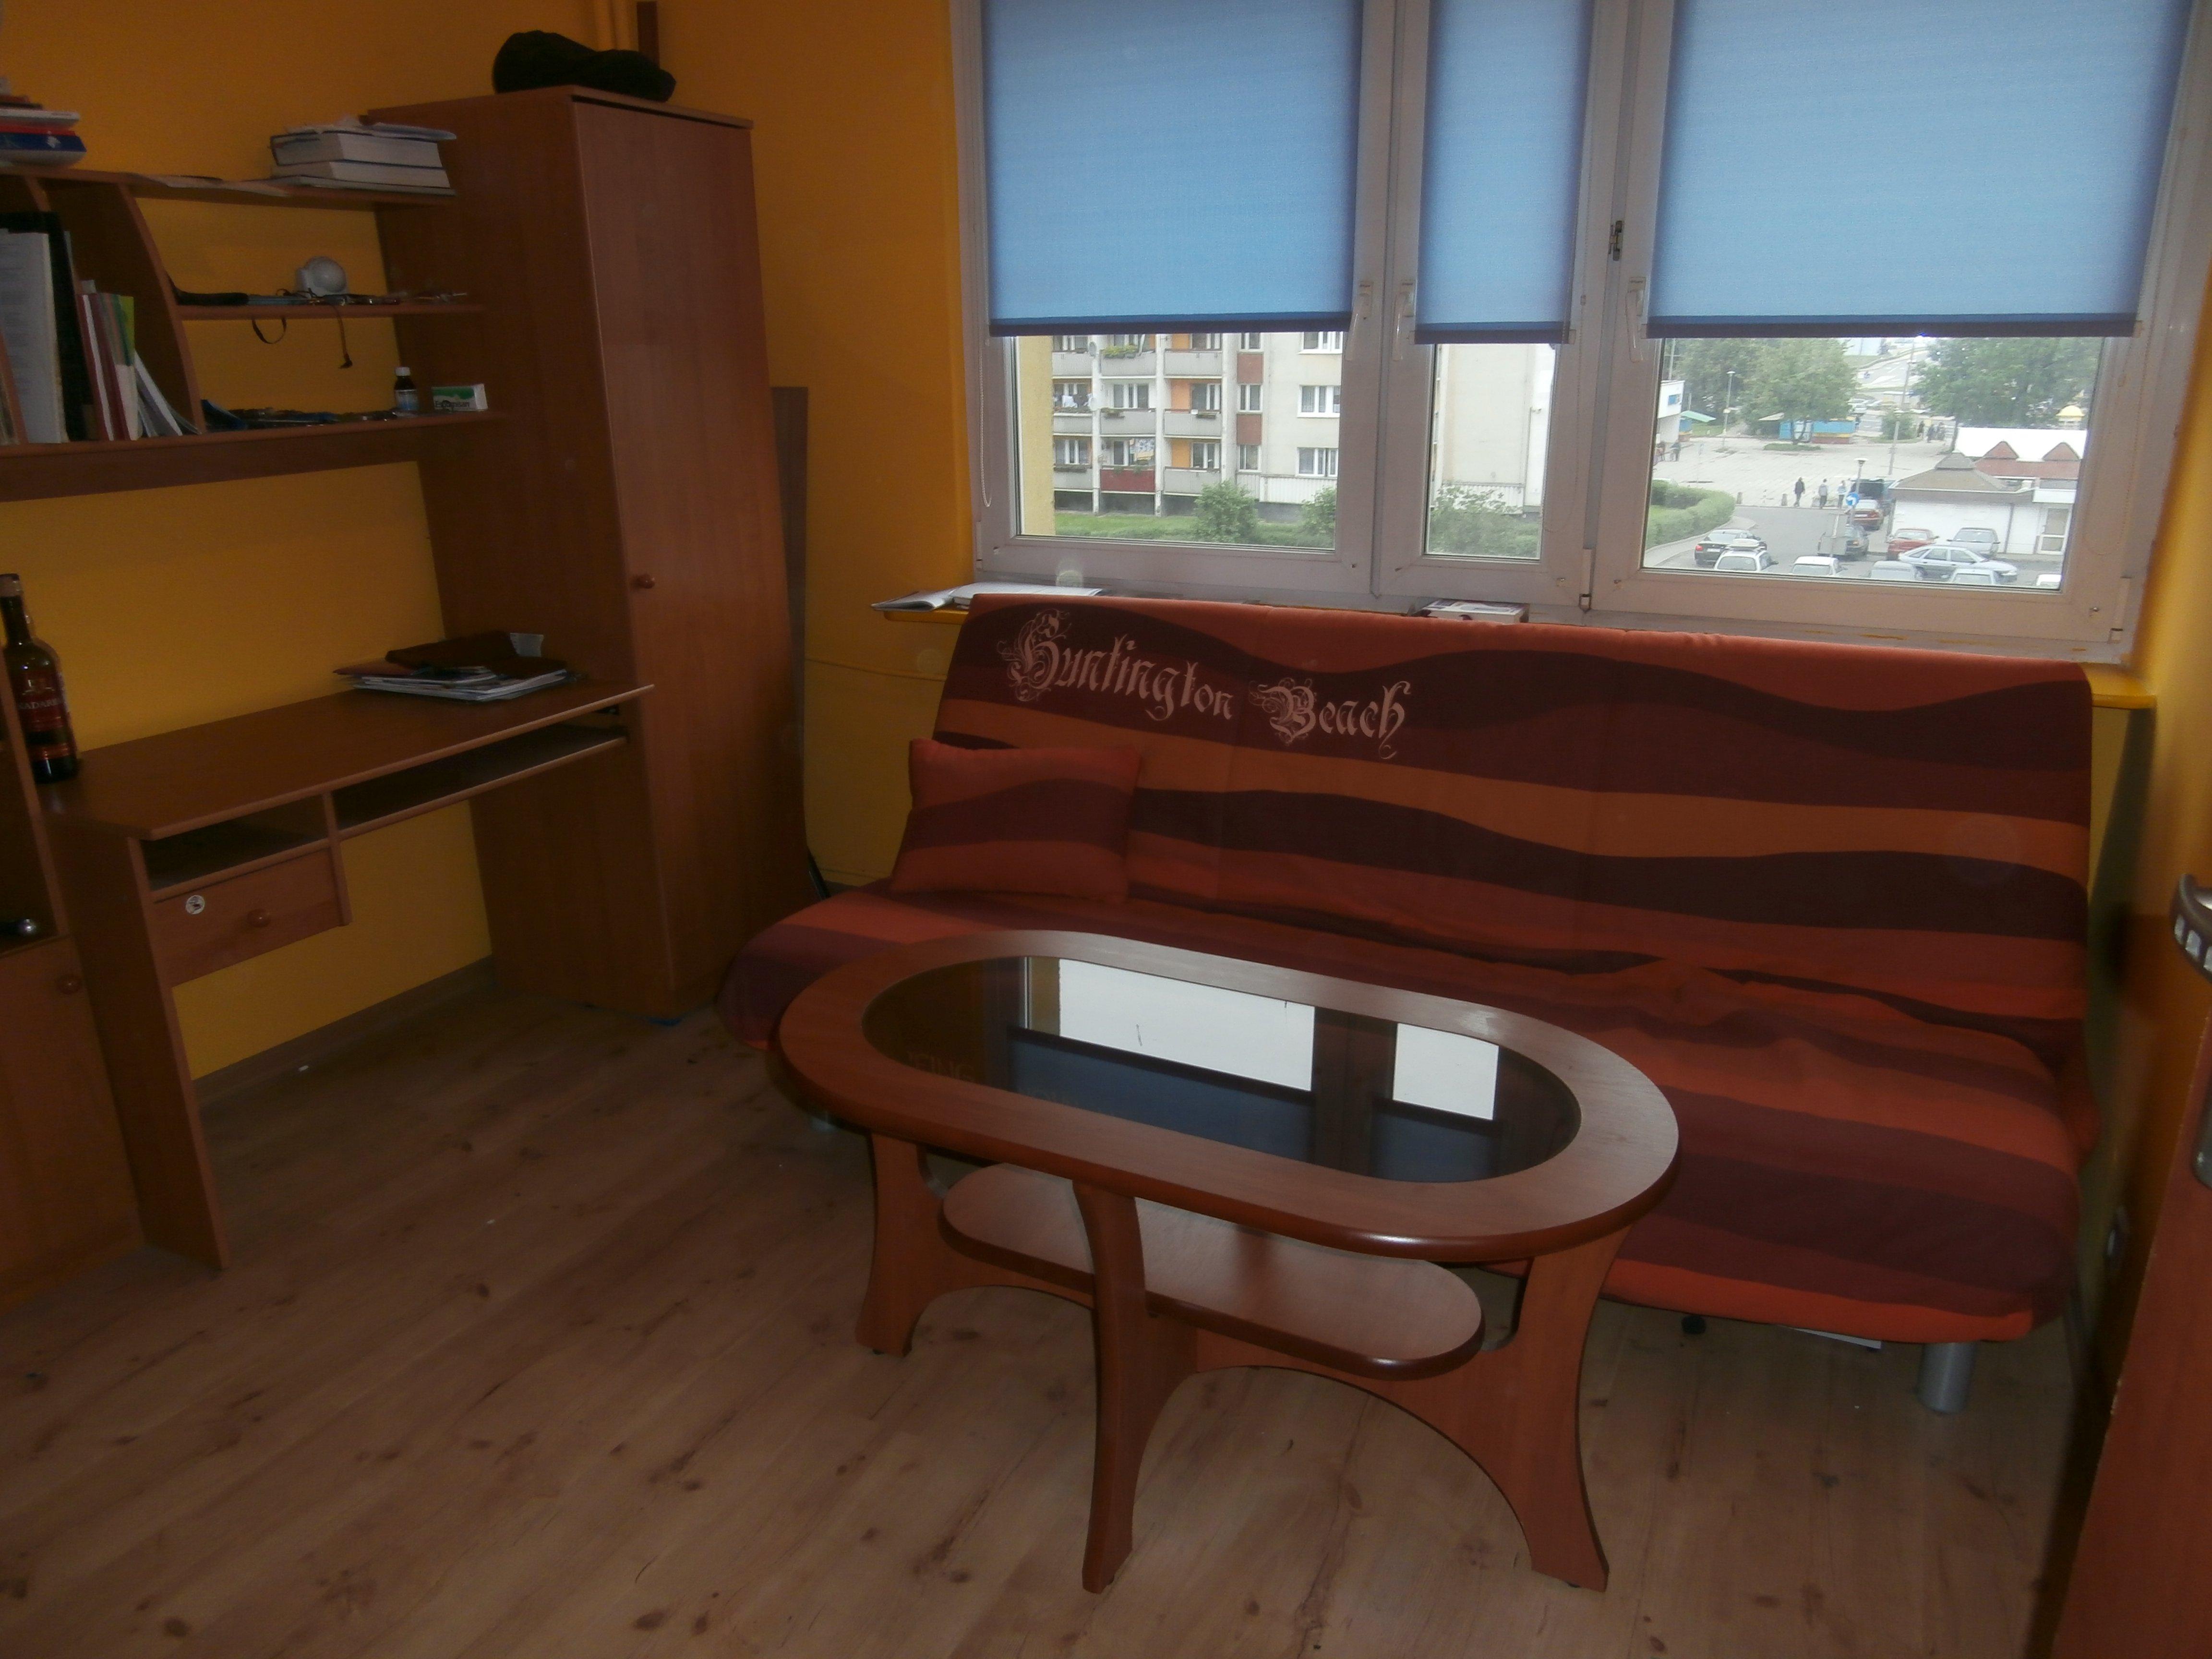 Wynajmę pokój od 1 kwietnia na ul. Koszyka w Opolu